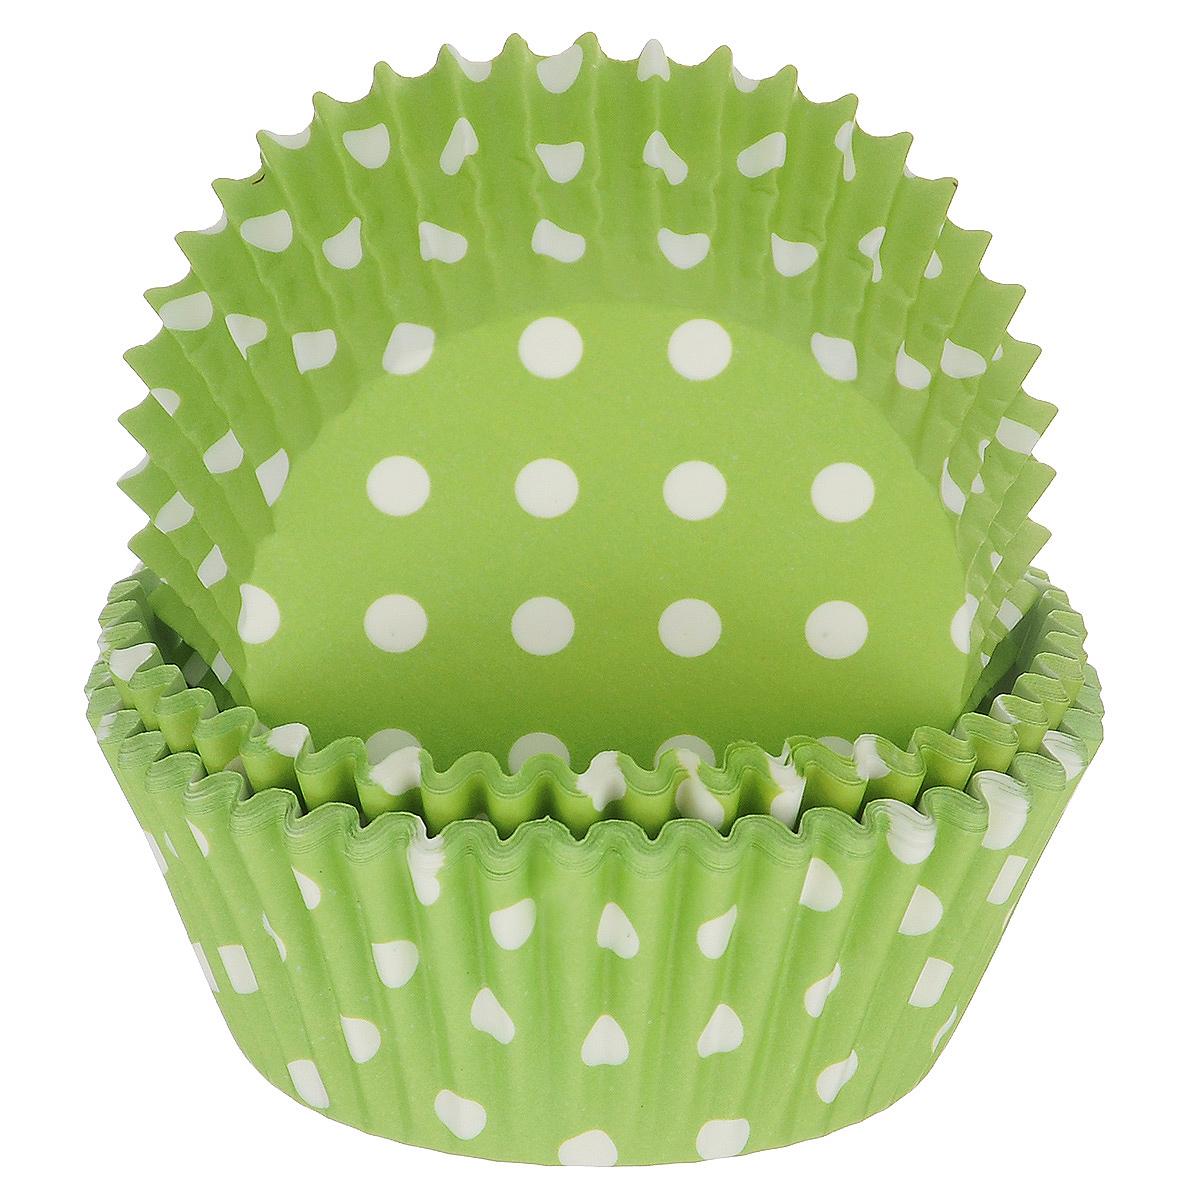 Набор бумажных форм для кексов Dolce Arti Горошек, цвет: зеленый, диаметр 5 см, 50 шт54 009312Набор Dolce Arti Горошек состоит из 50 бумажных форм для кексов, оформленных принтом в горох. Они предназначены для выпечки и упаковки кондитерских изделий, также могут использоваться для сервировки орешков, конфет и много другого. Для одноразового применения. Гофрированные бумажные формы идеальны для выпечки кексов, булочек и пирожных.Высота стенки: 3 см. Диаметр (по верхнему краю): 7 см.Диаметр дна: 5 см.